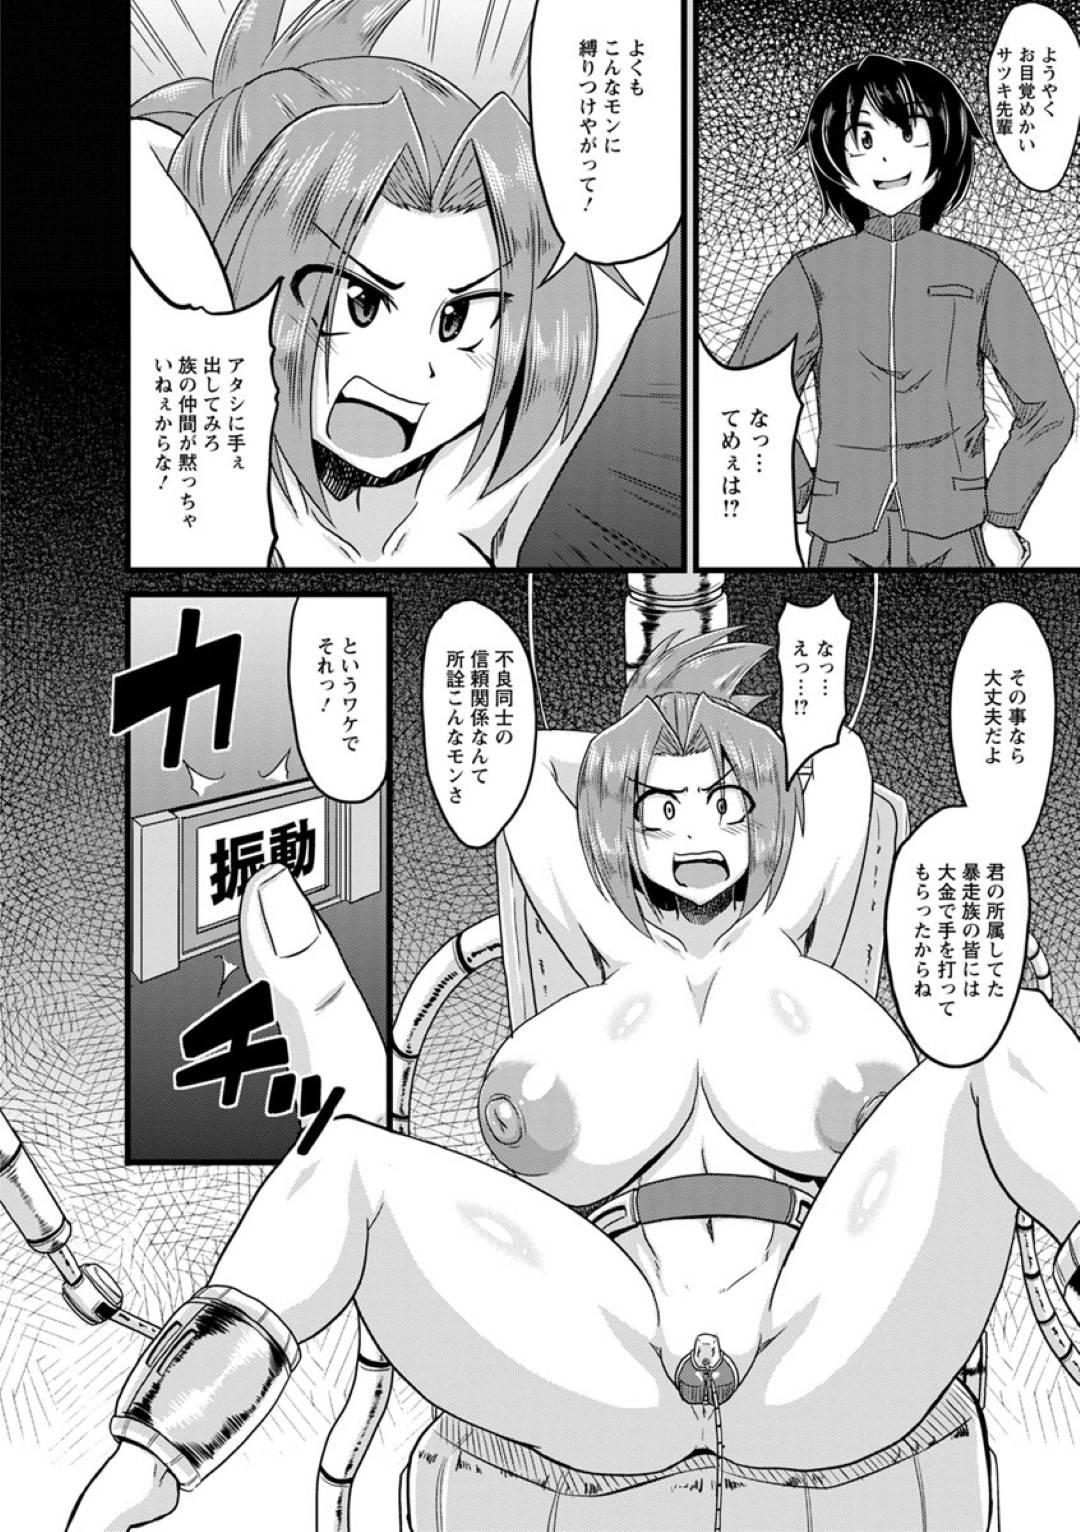 【エロ漫画】カツアゲされた復讐に研究室に軟禁されてしまったスケバン巨乳娘。機械に拘束されて身動きできない彼女は乳首を責められたり、クリを肥大化させられたりと陵辱を受ける事となってしまう。